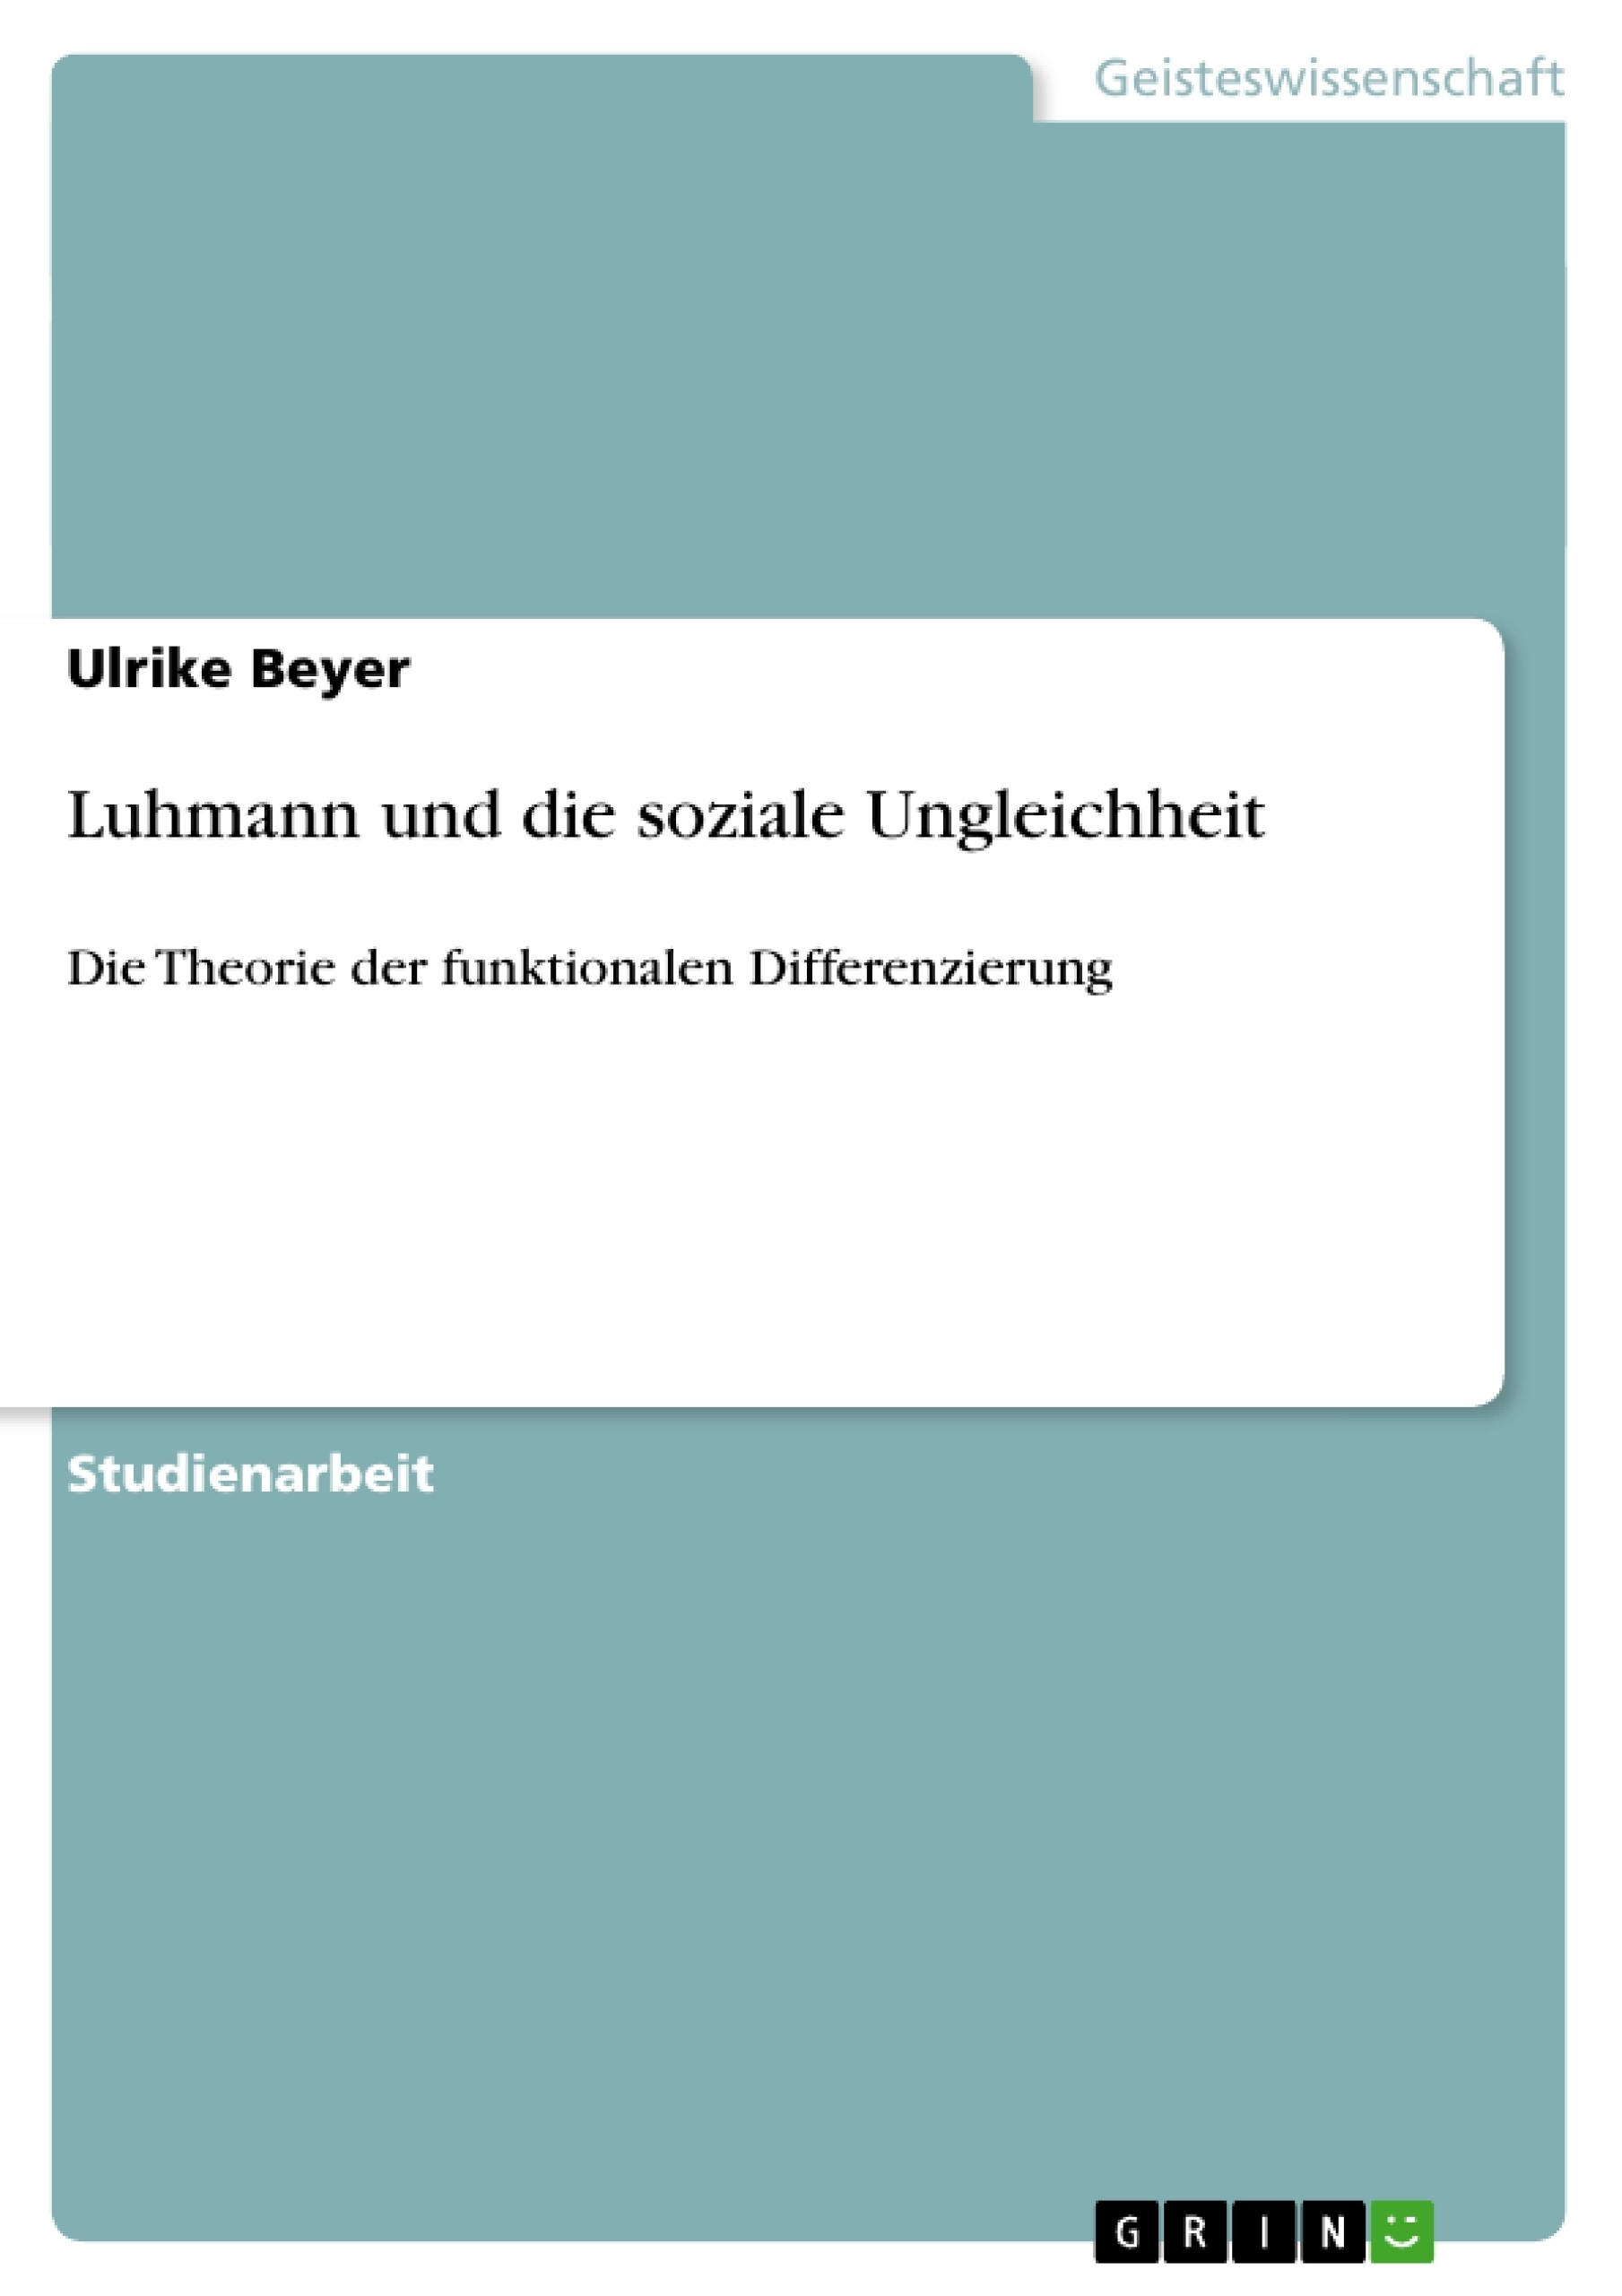 Titel: Luhmann und die soziale Ungleichheit